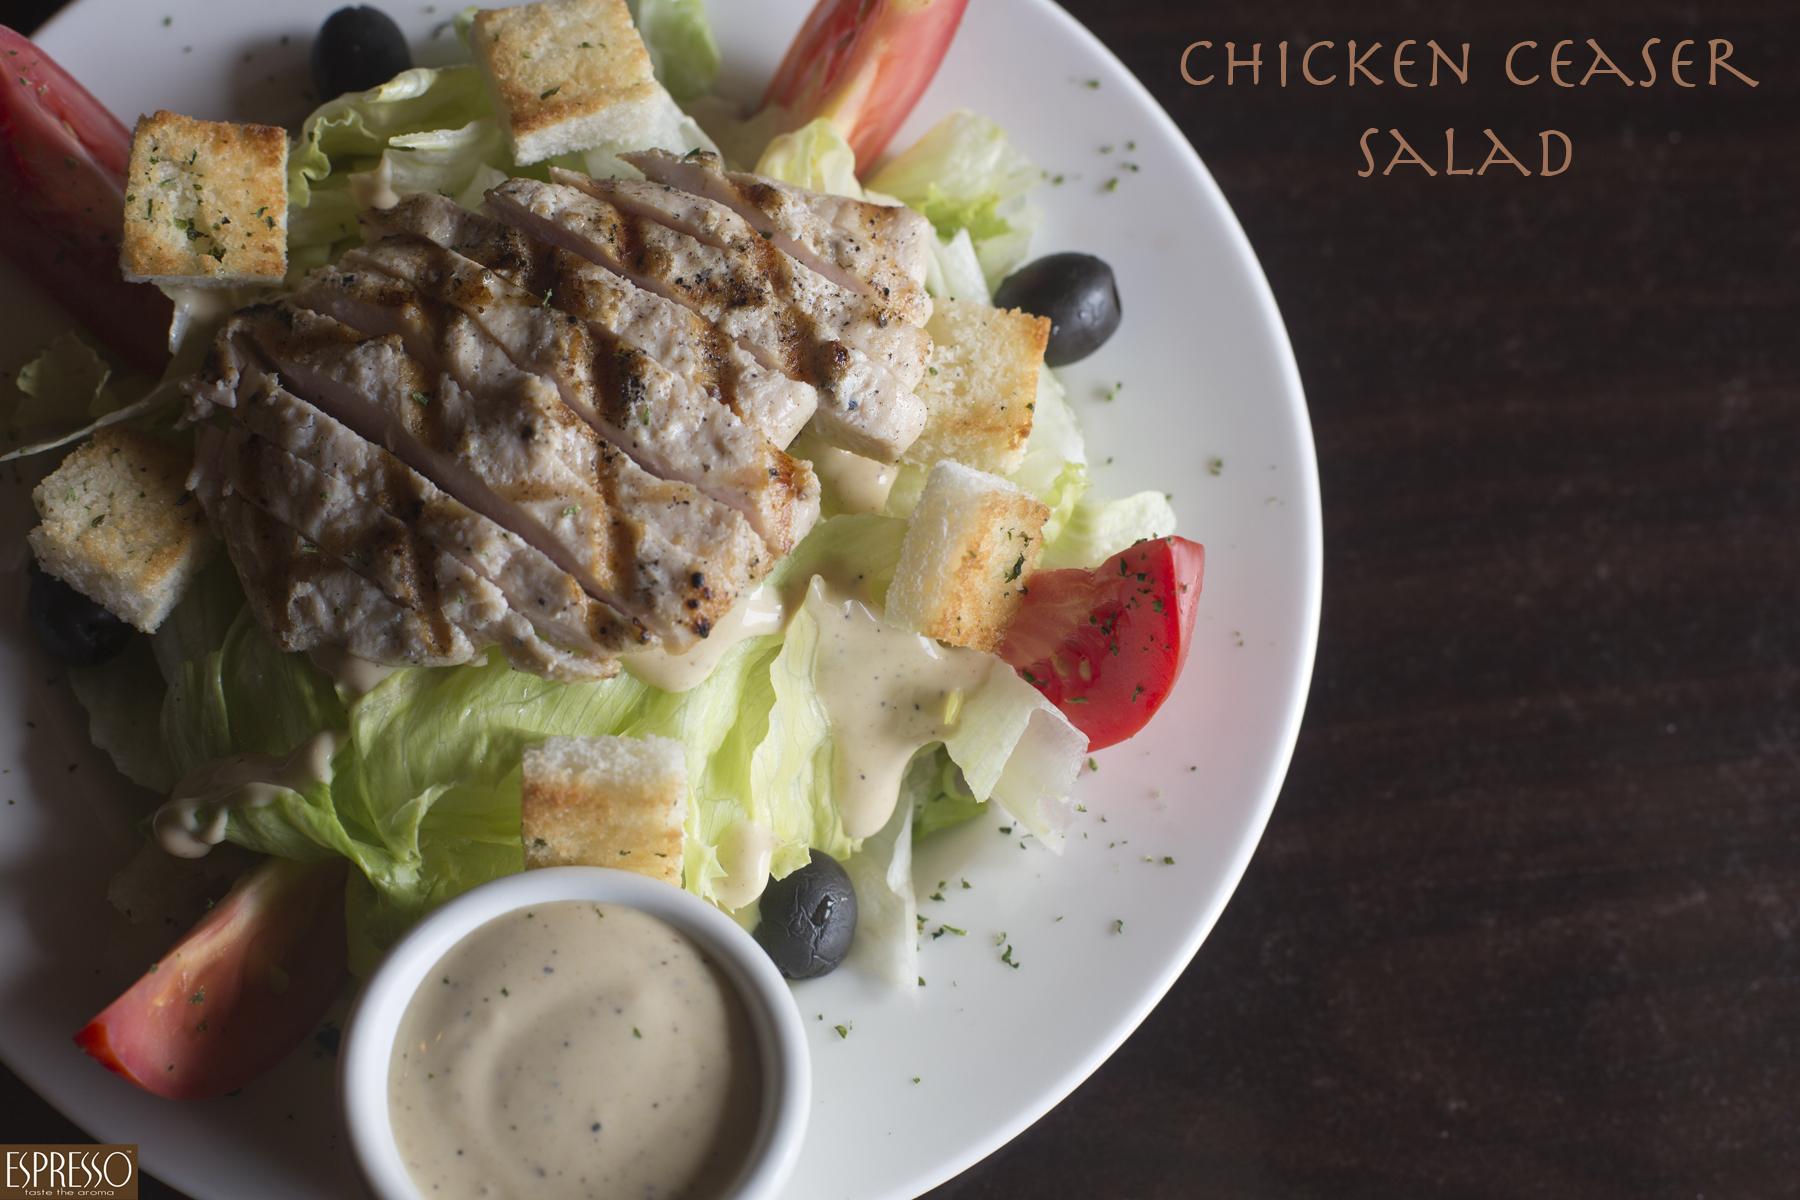 Chicken ceaser salad3.jpg